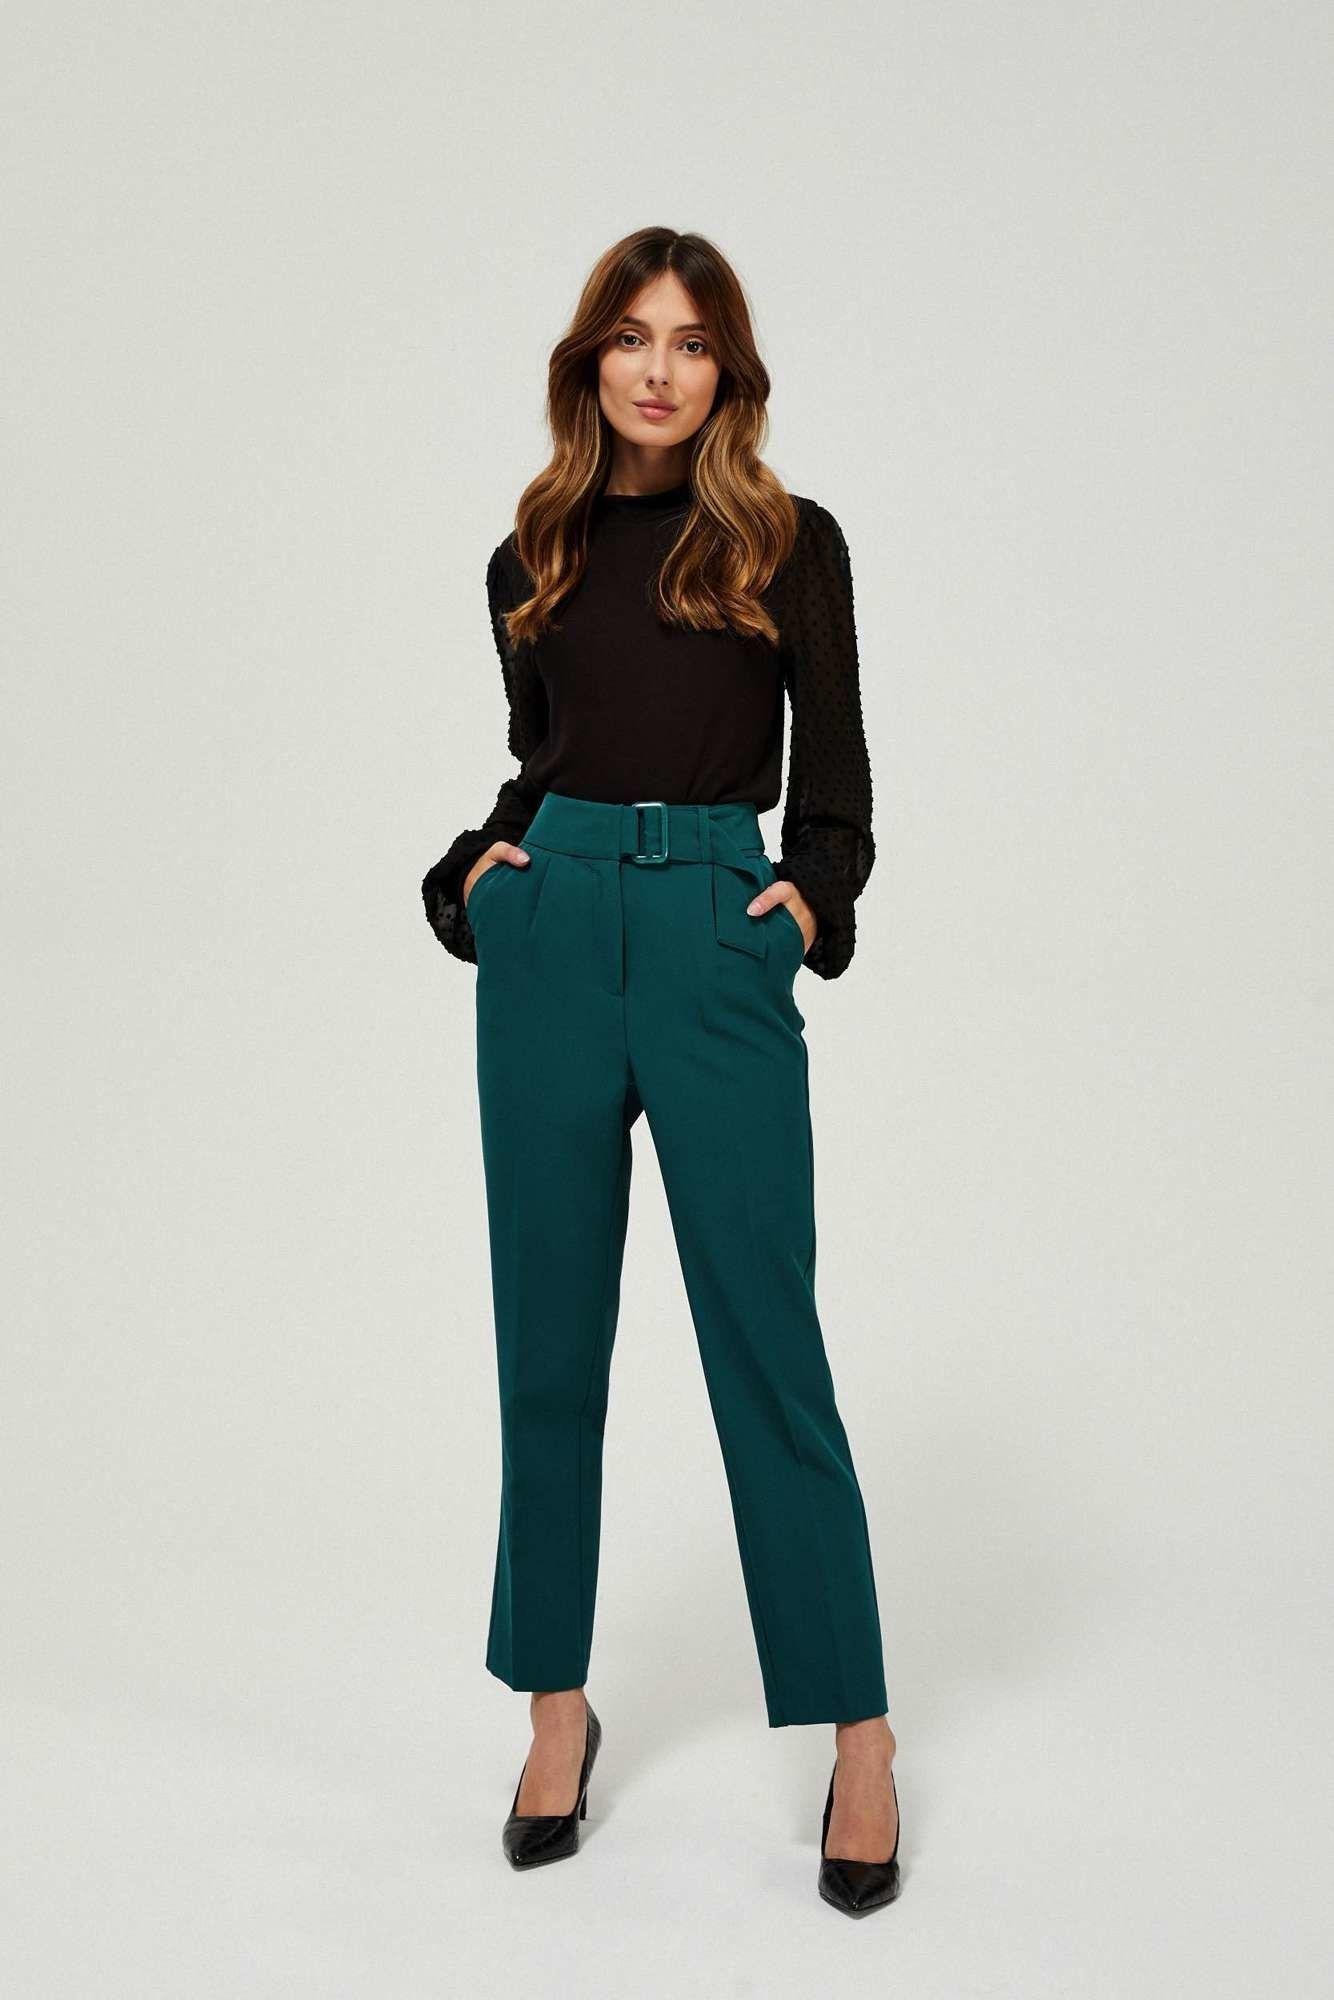 Spodnie w kant zielone z wysokim stanem